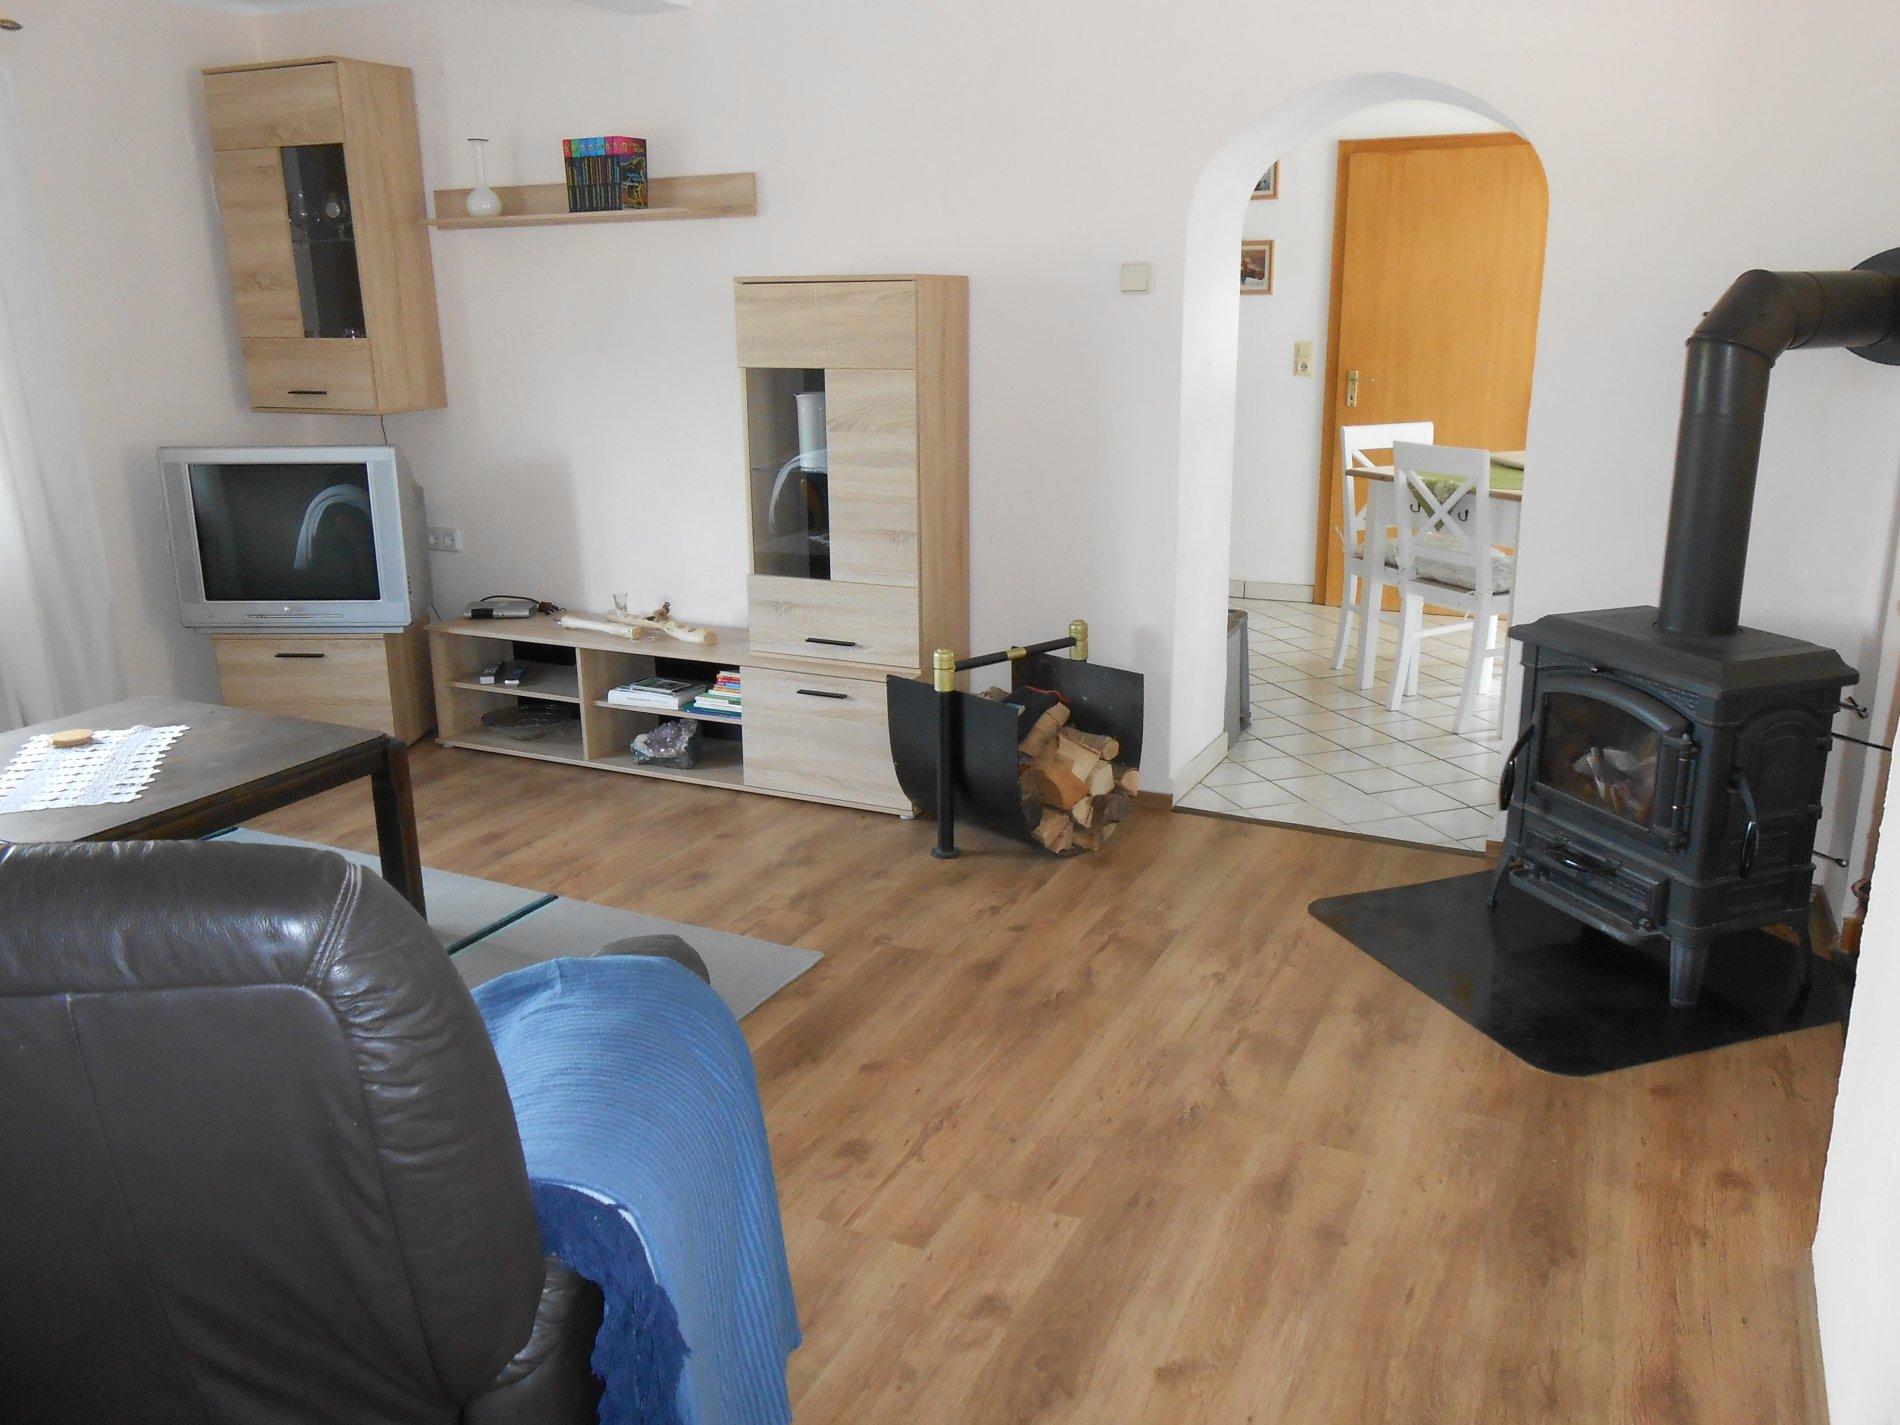 Helles Wohnzimmer mit einem Ofen und Fernsehwand